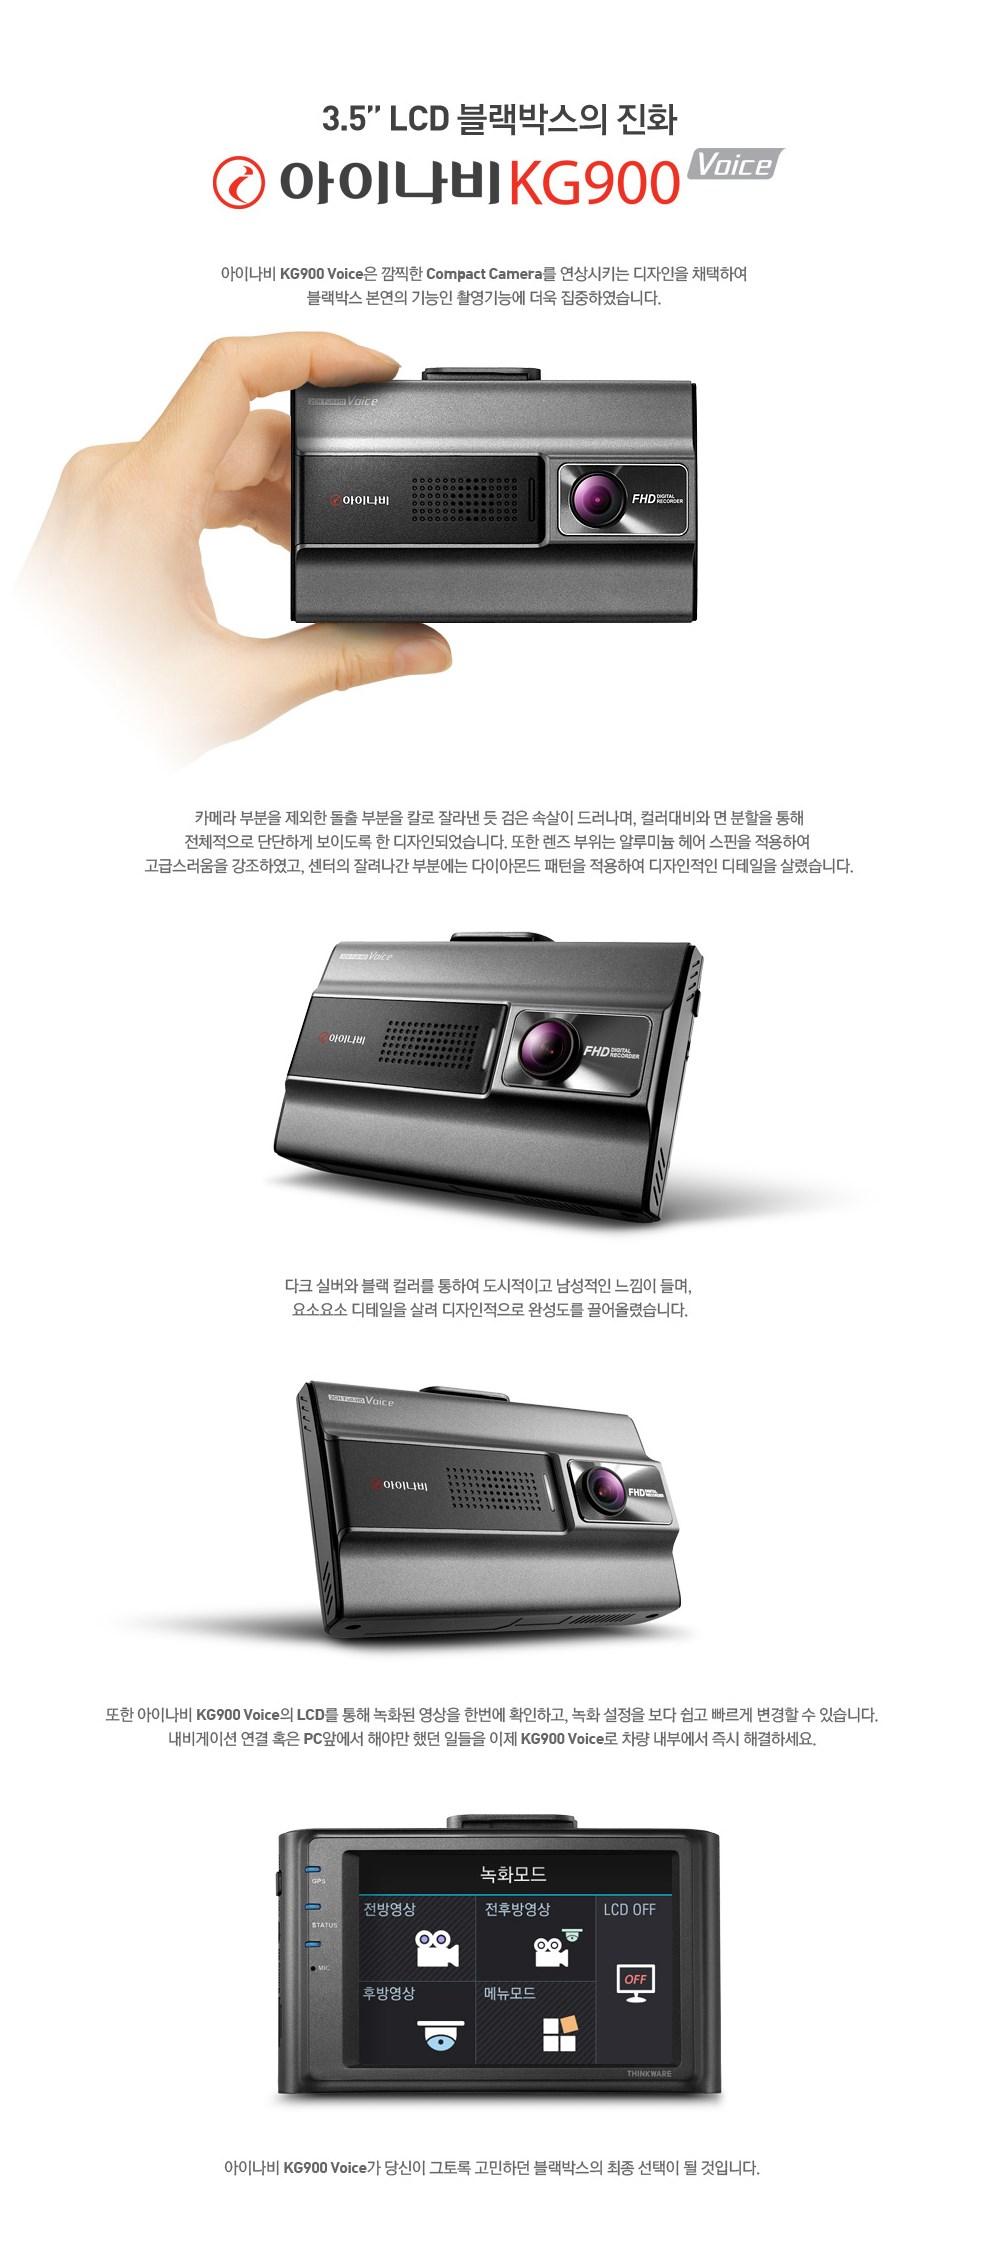 블랙박스의 진화, 아이나비 KG900 Voice